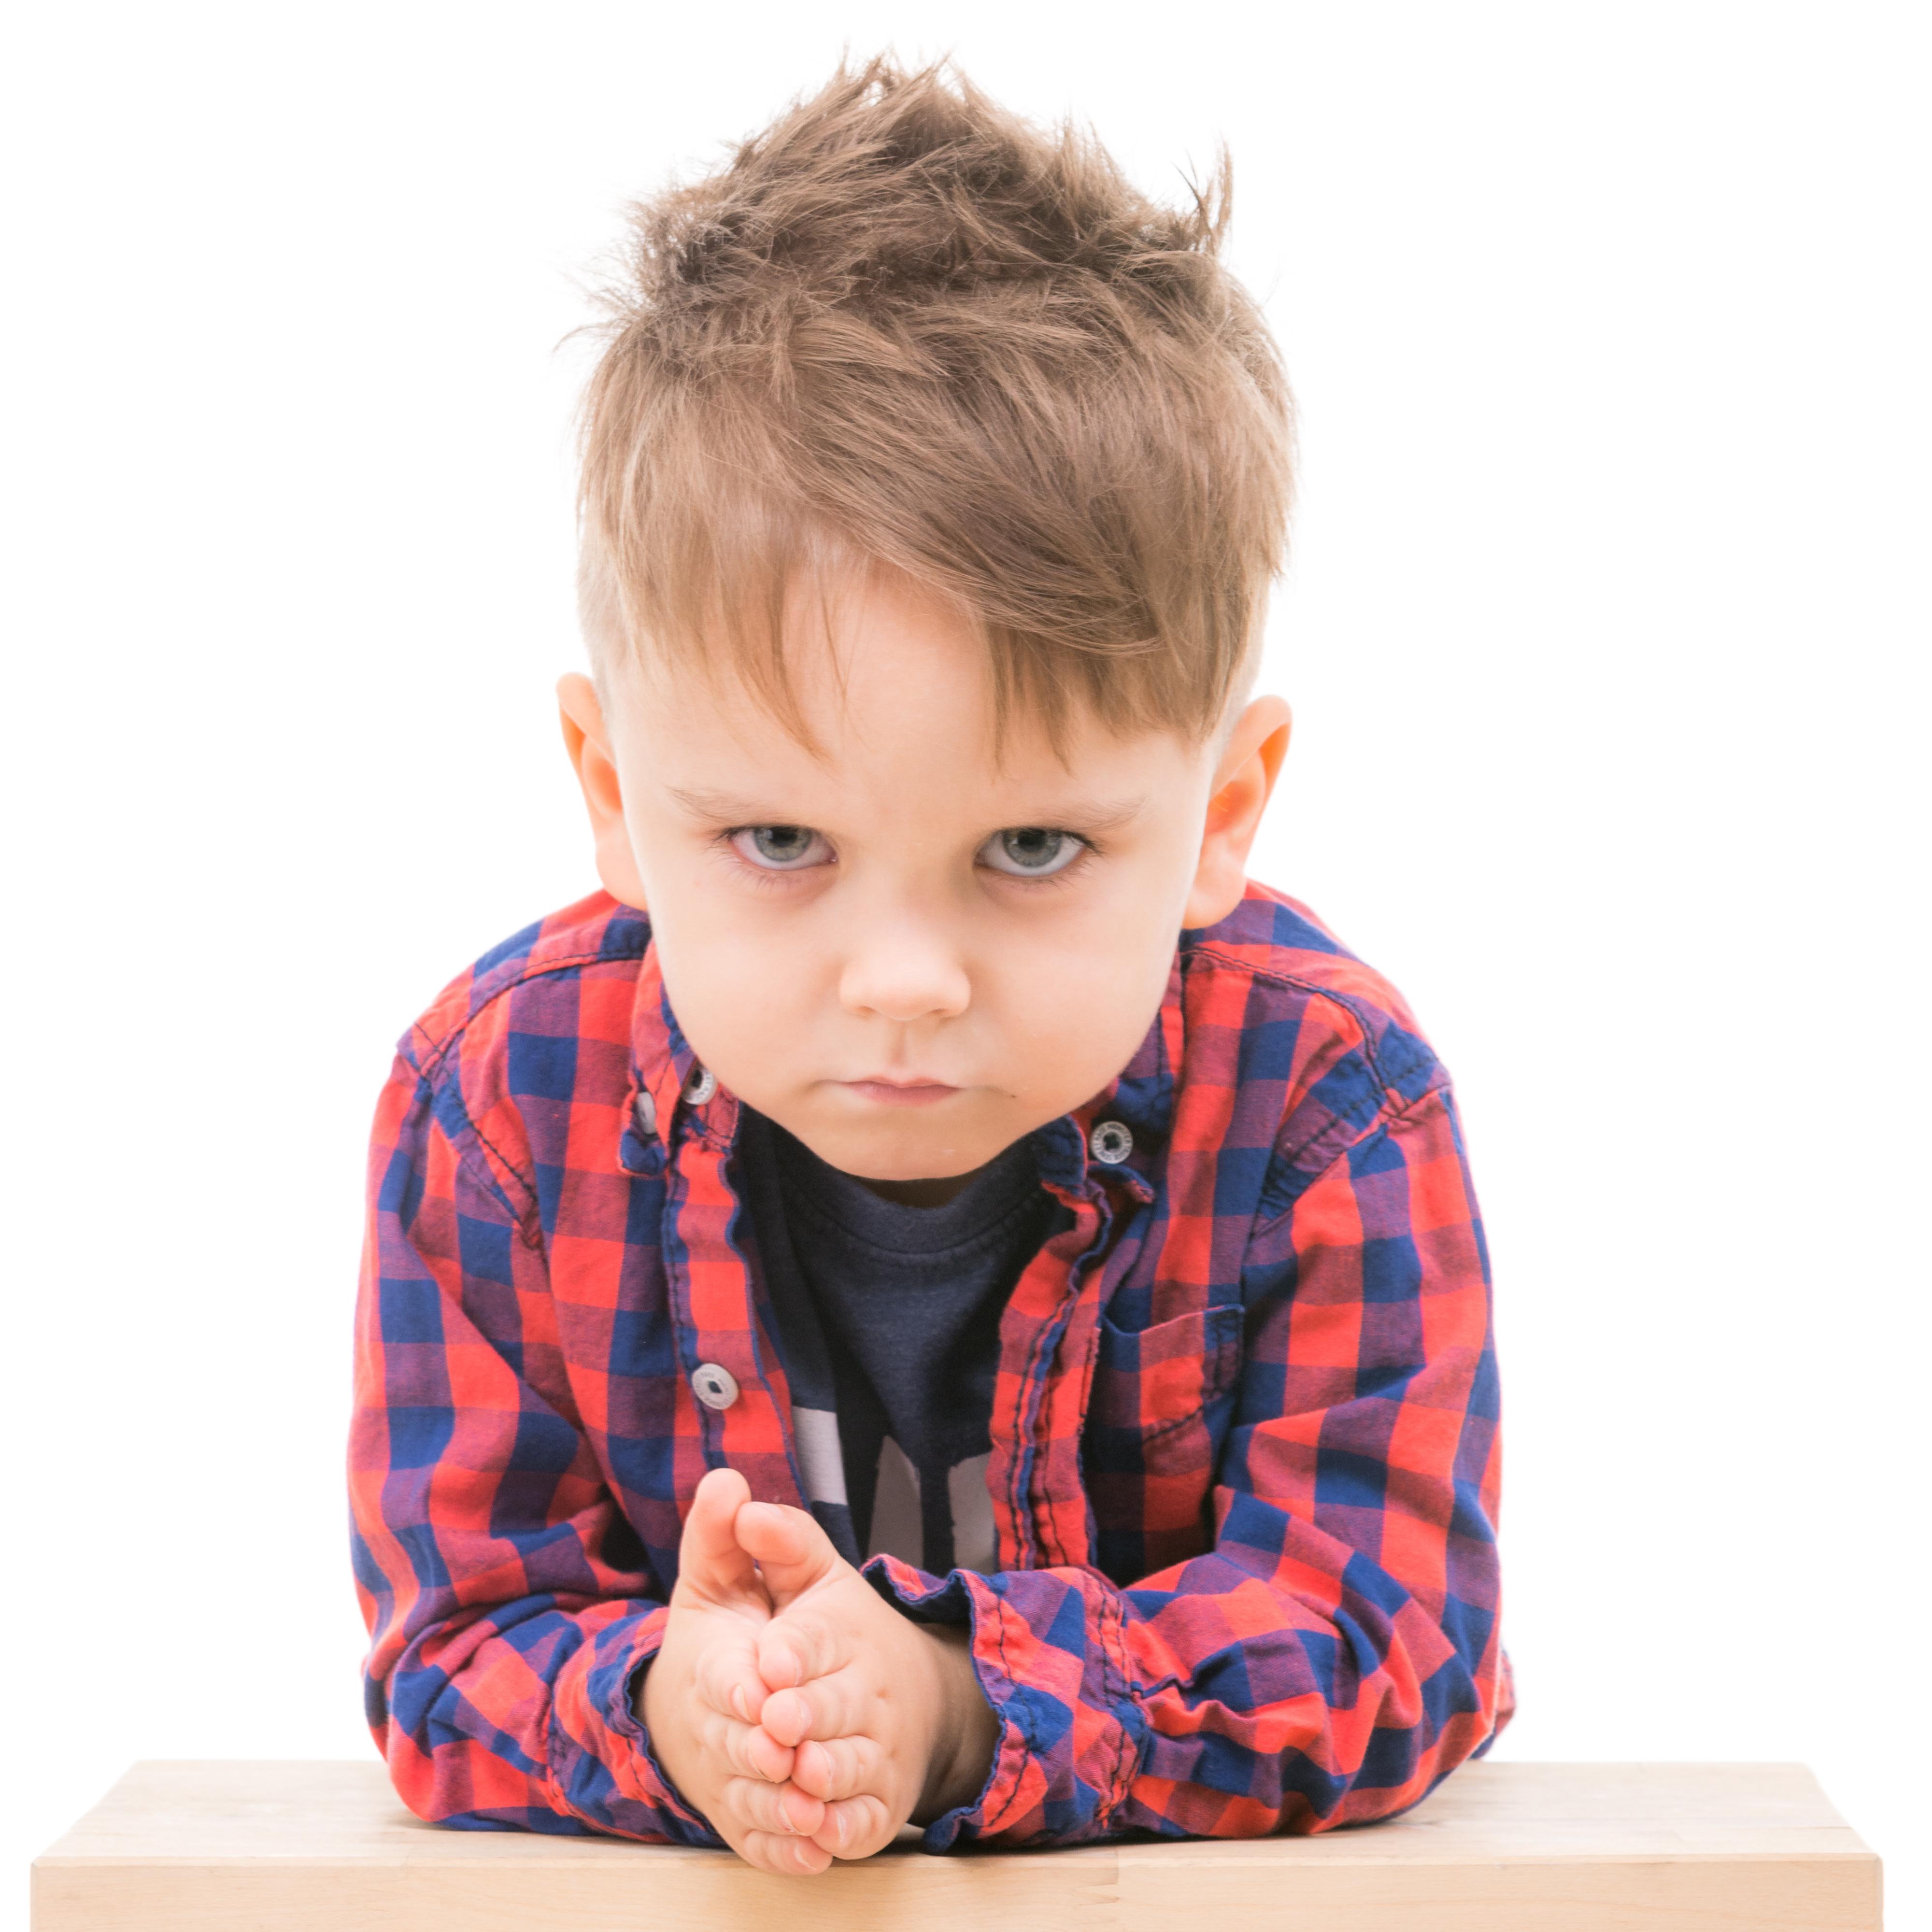 La trajectoire du développement psychologique de l'enfant dépend à la fois de la biologie, de la physiologie, de l'environnement psychosocial mais aussi du microbiome intestinal.